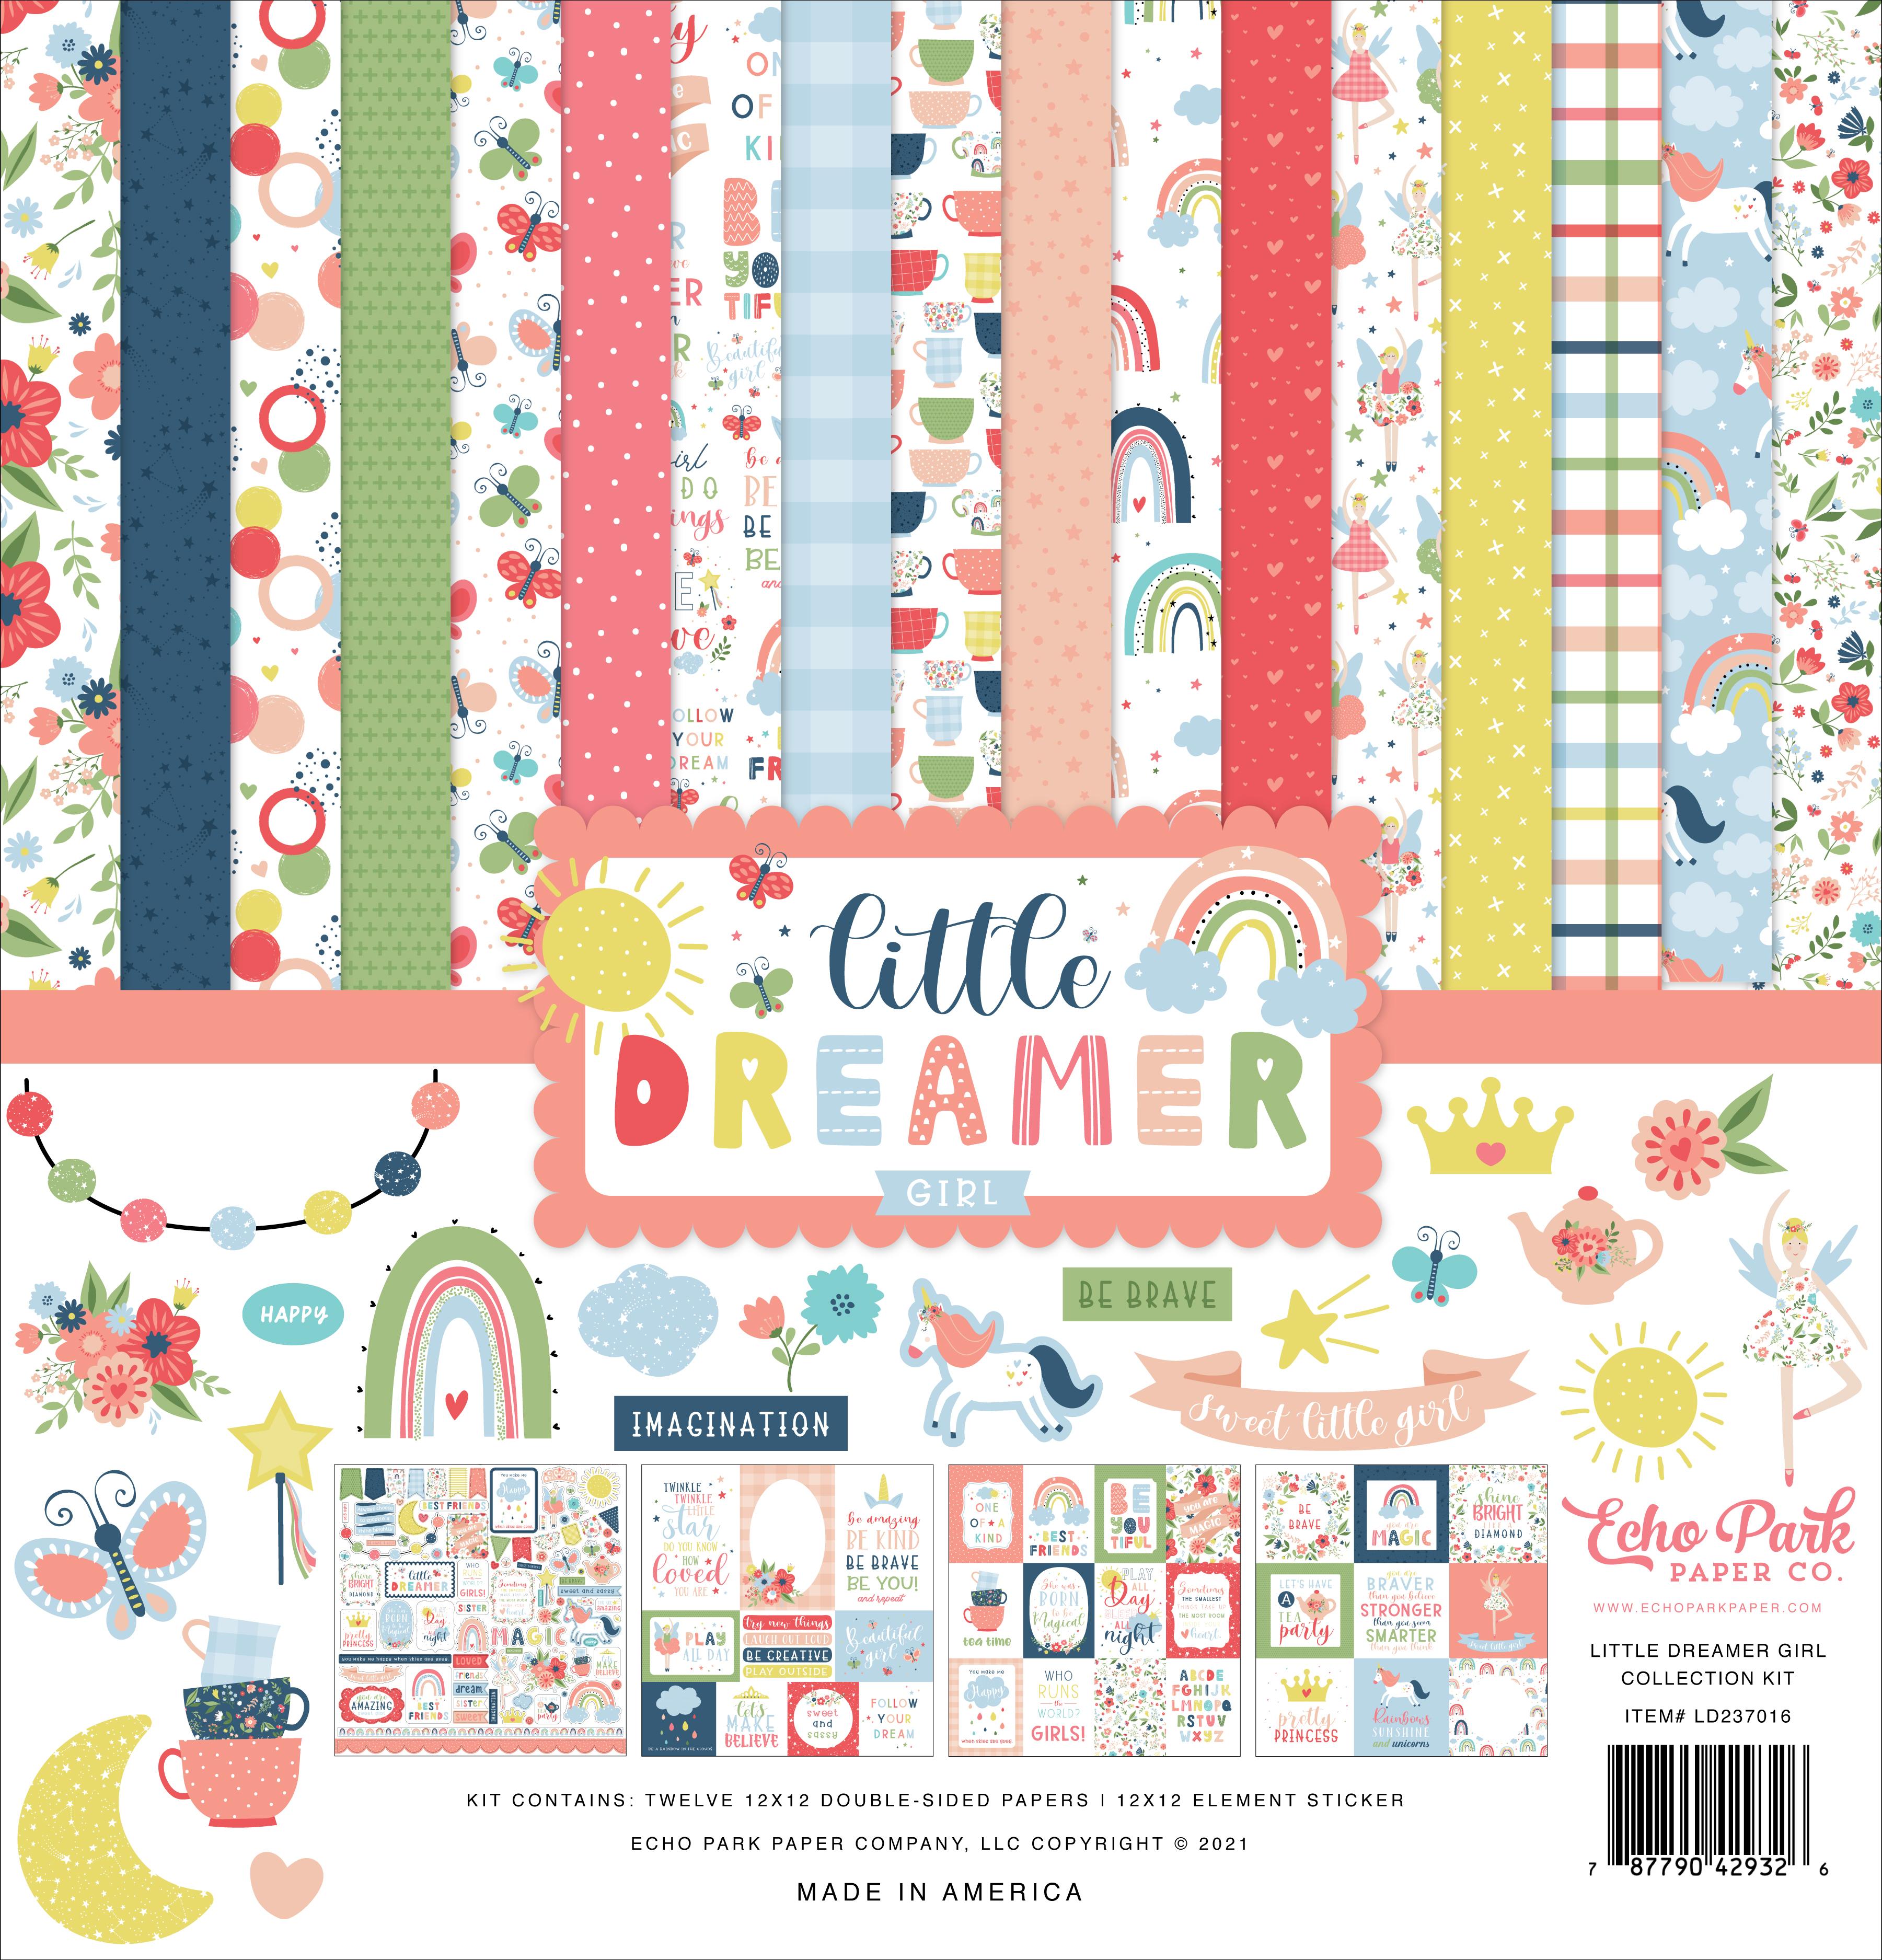 Little Dreamer Girl